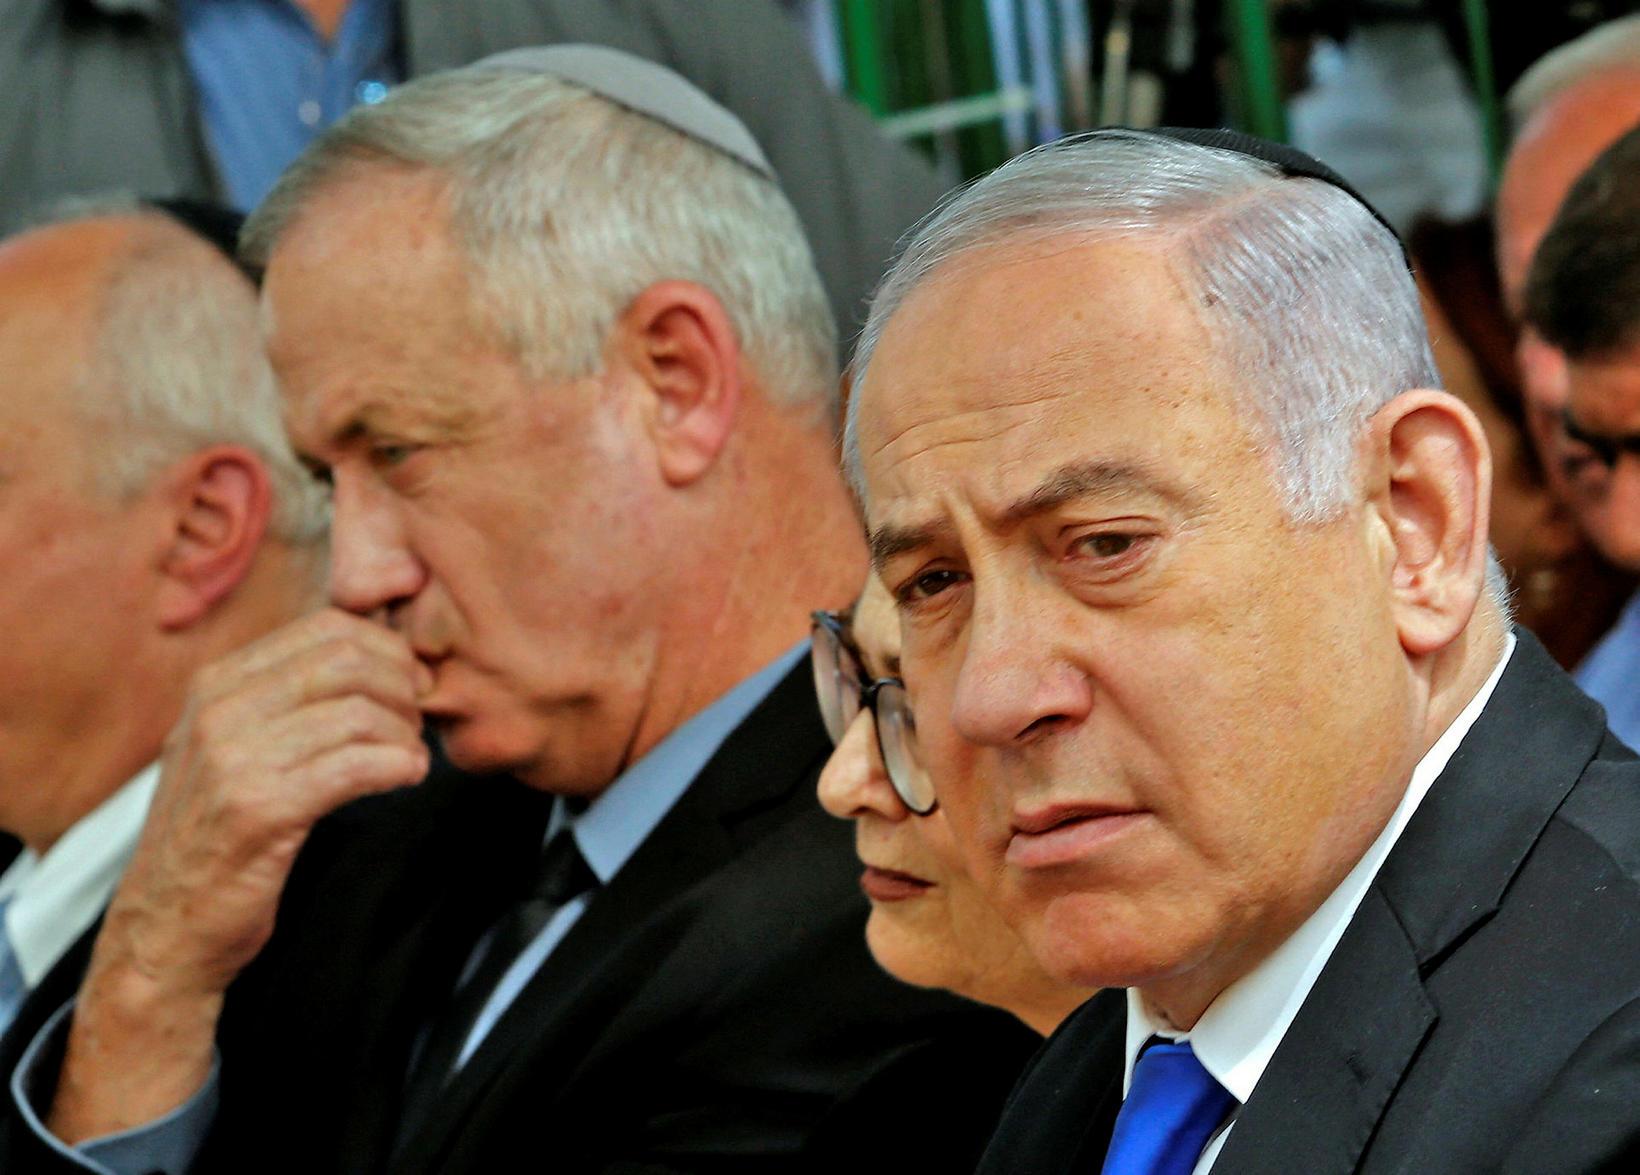 Benjamin Netanyahu, fráfarandi forsætisráðherra Ísrael. Hann hefur setið í stólnum …